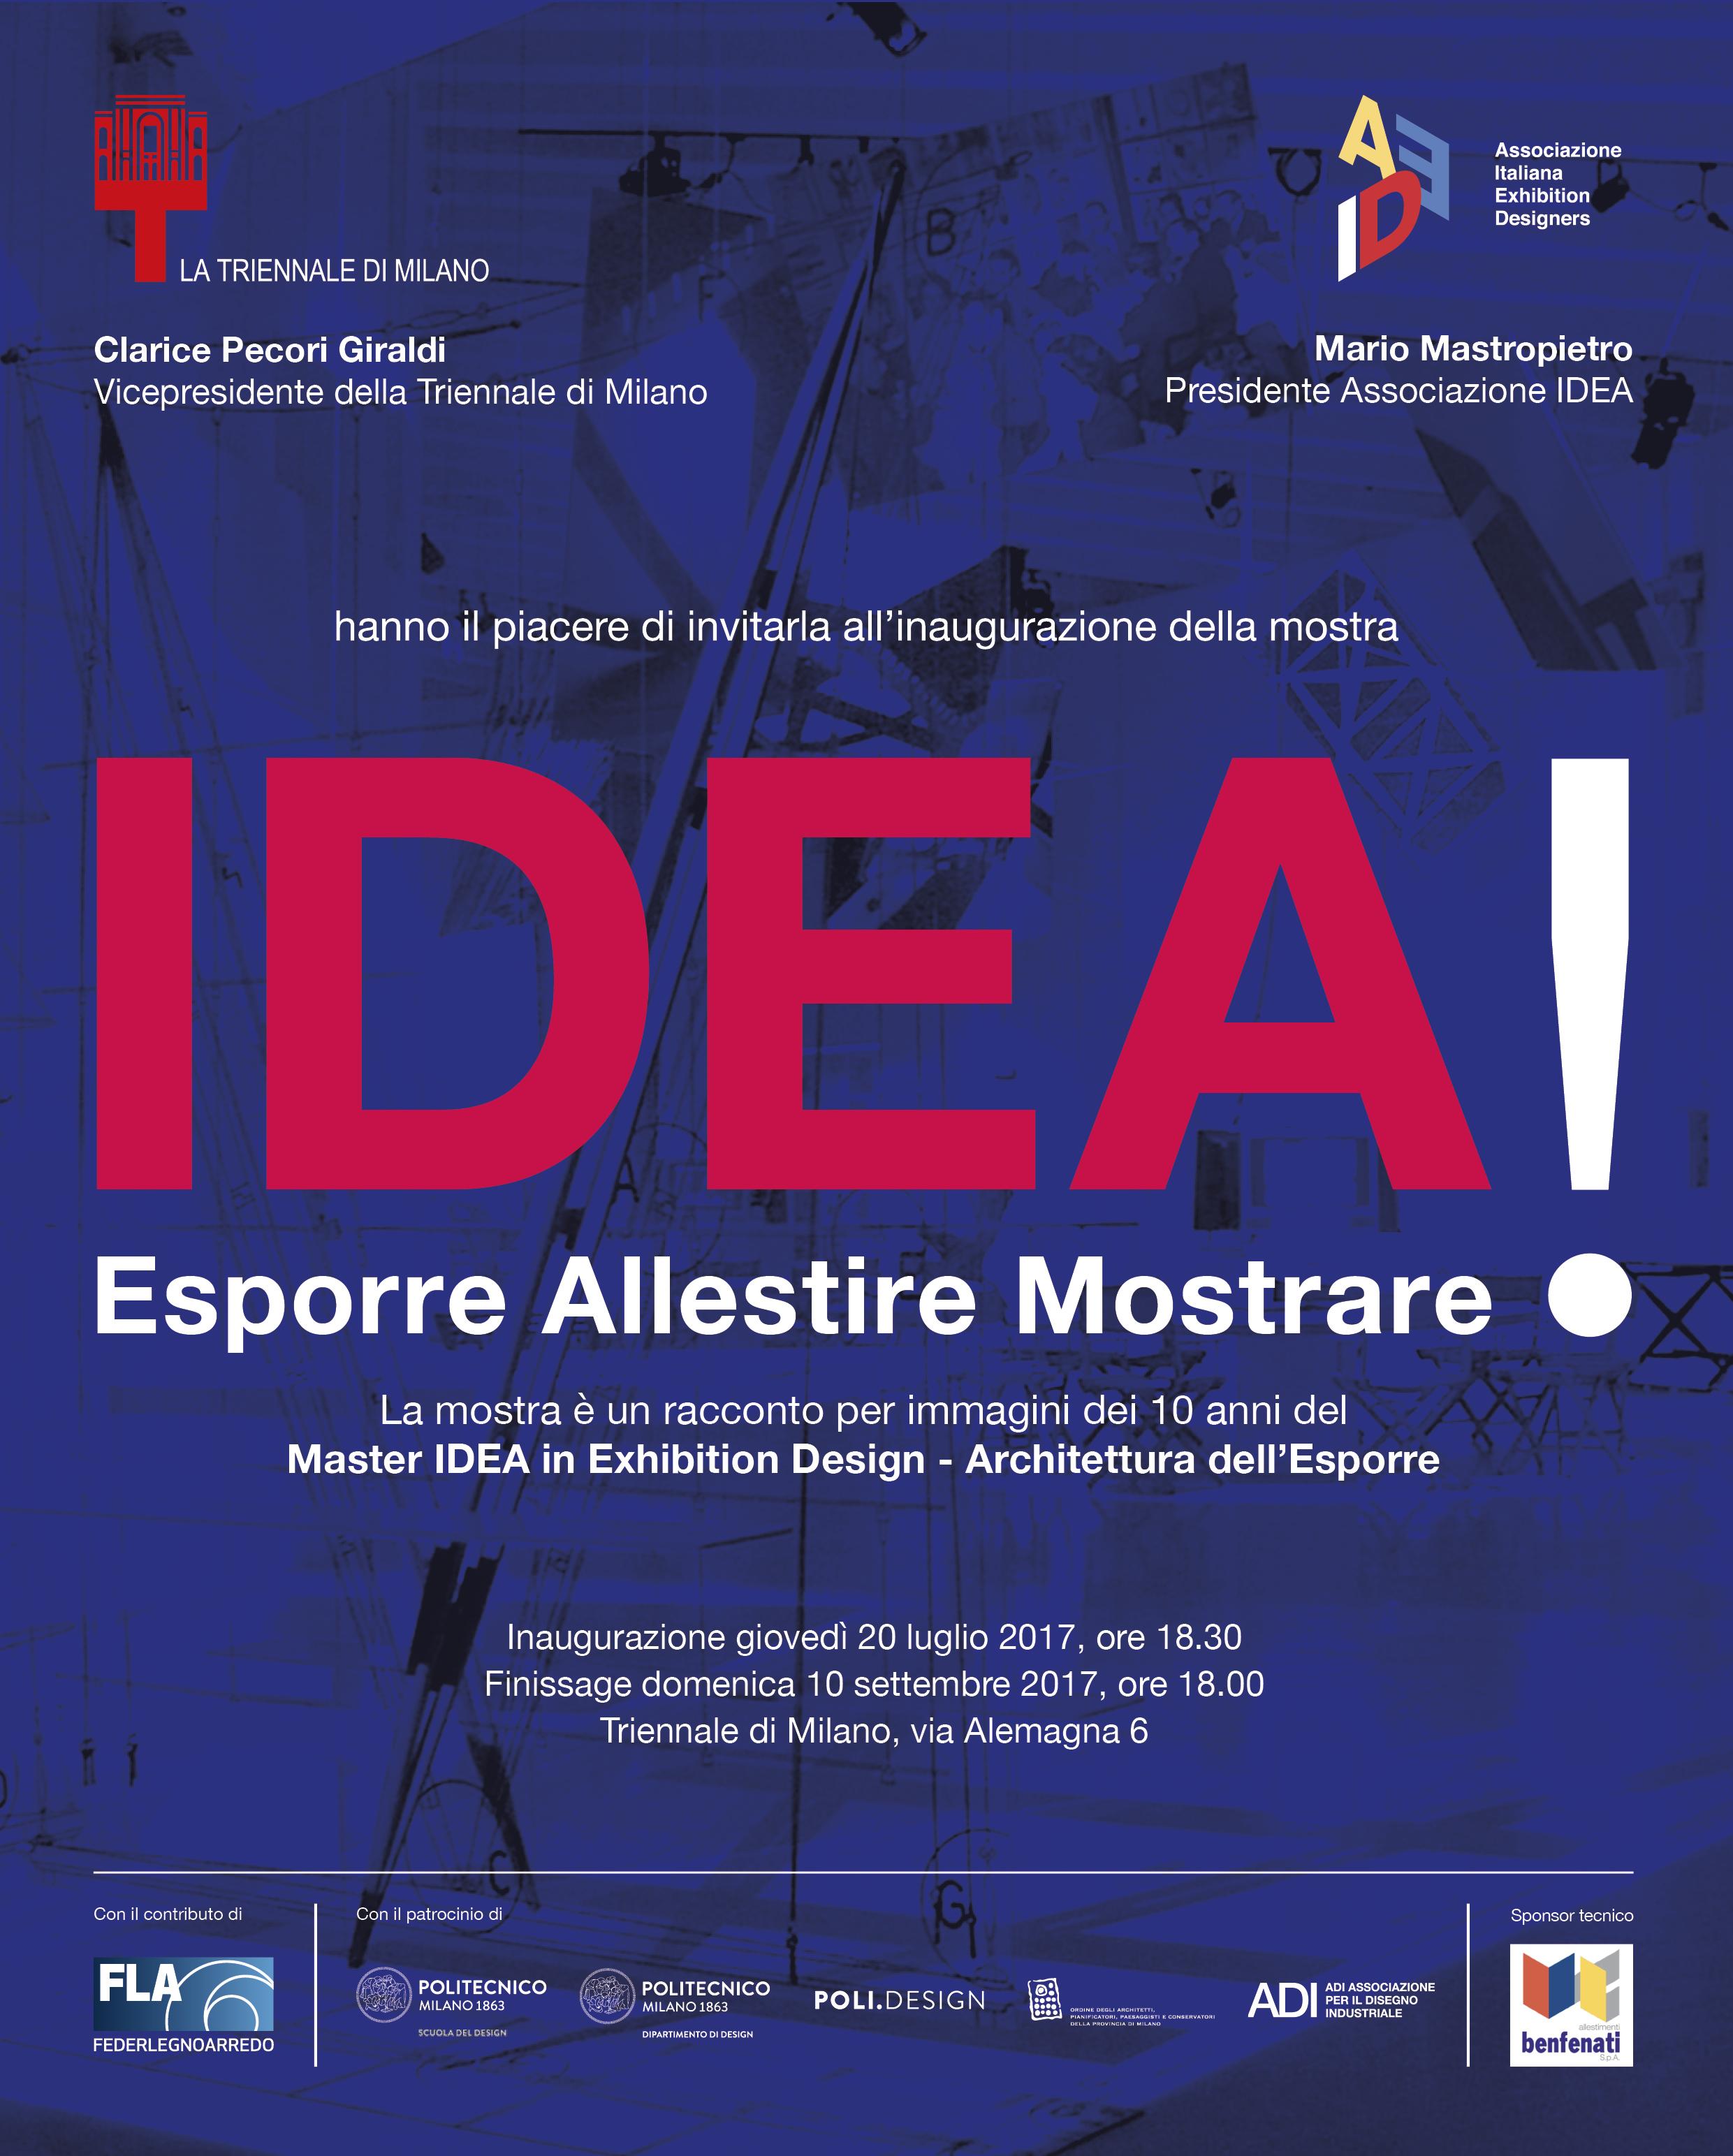 Triennale MI - IDEA Esporre Allestire Mostrare.jpg